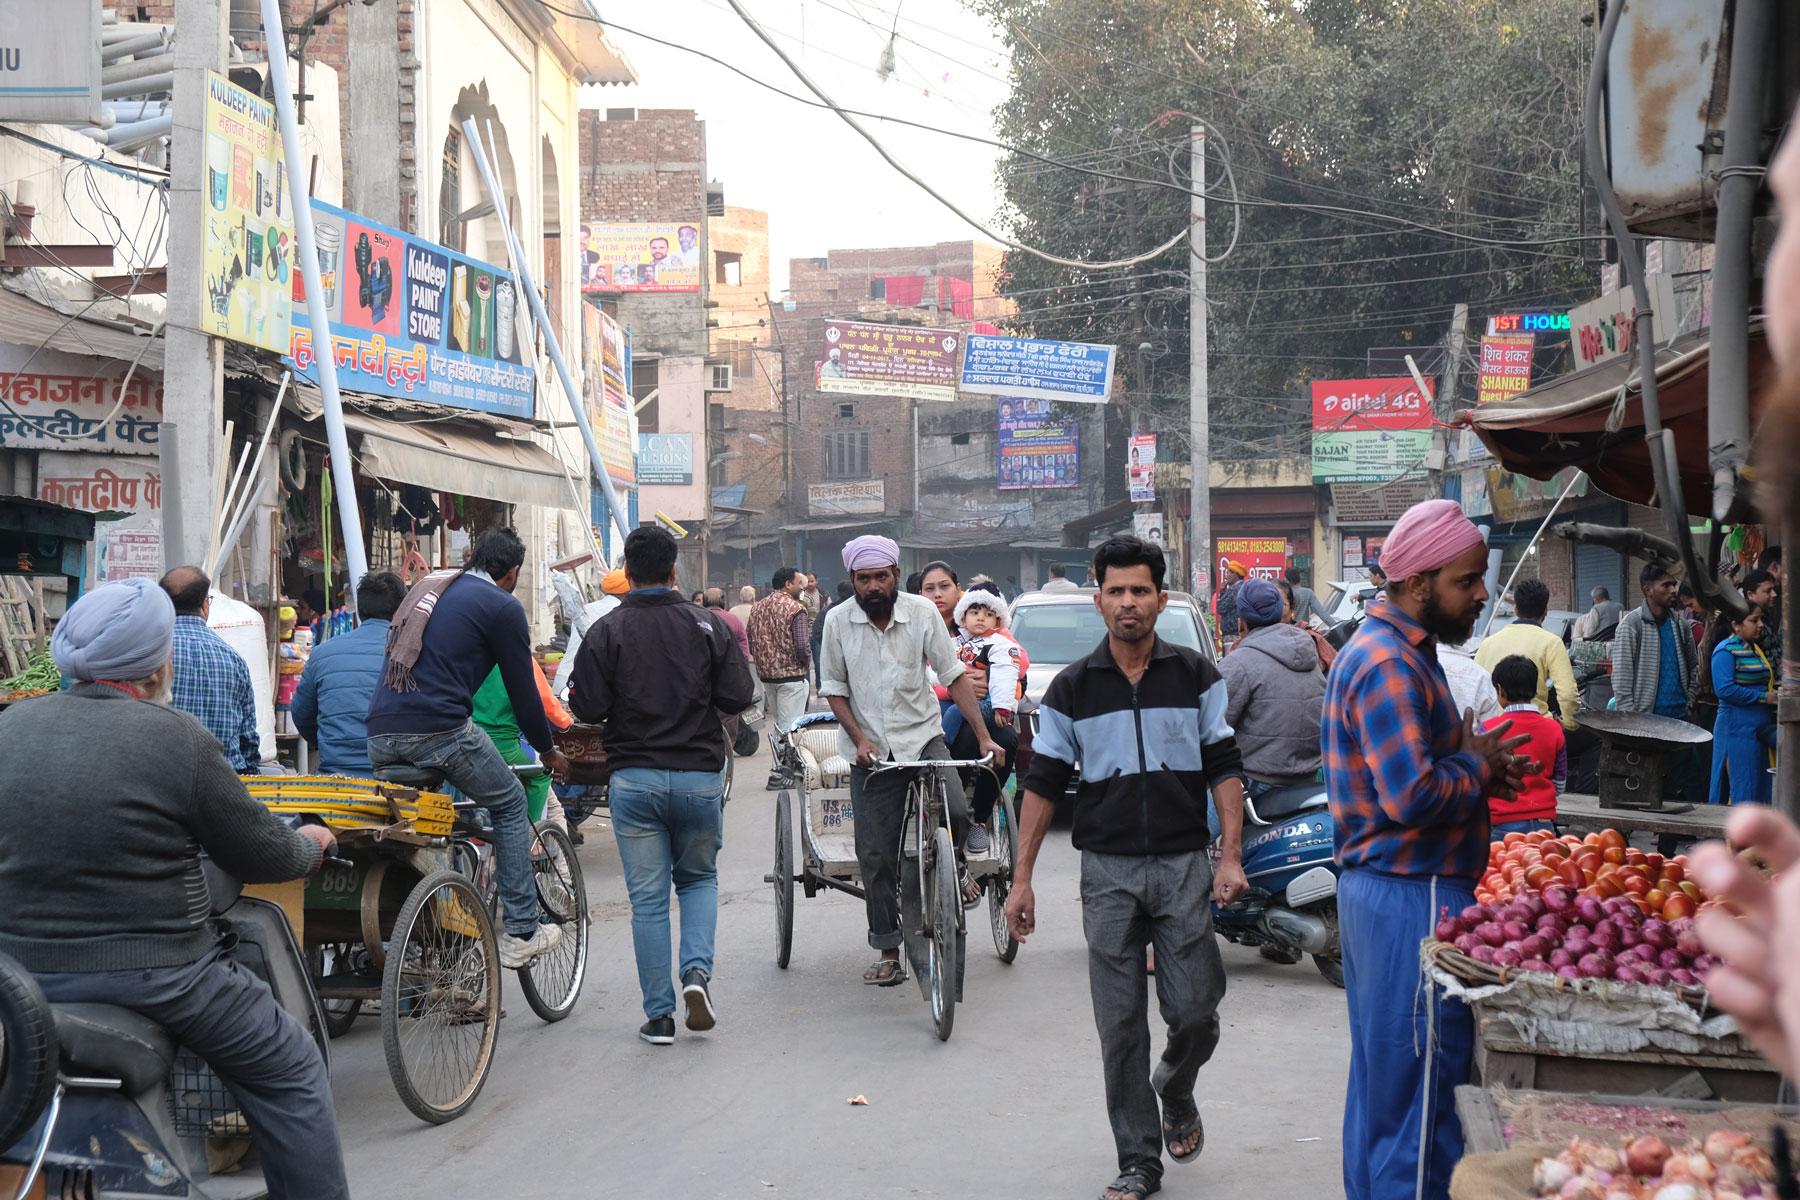 Oft herrscht in den Straßen reger Betrieb und wir müssen aufpassen, um nicht unter die Räder zu geraten